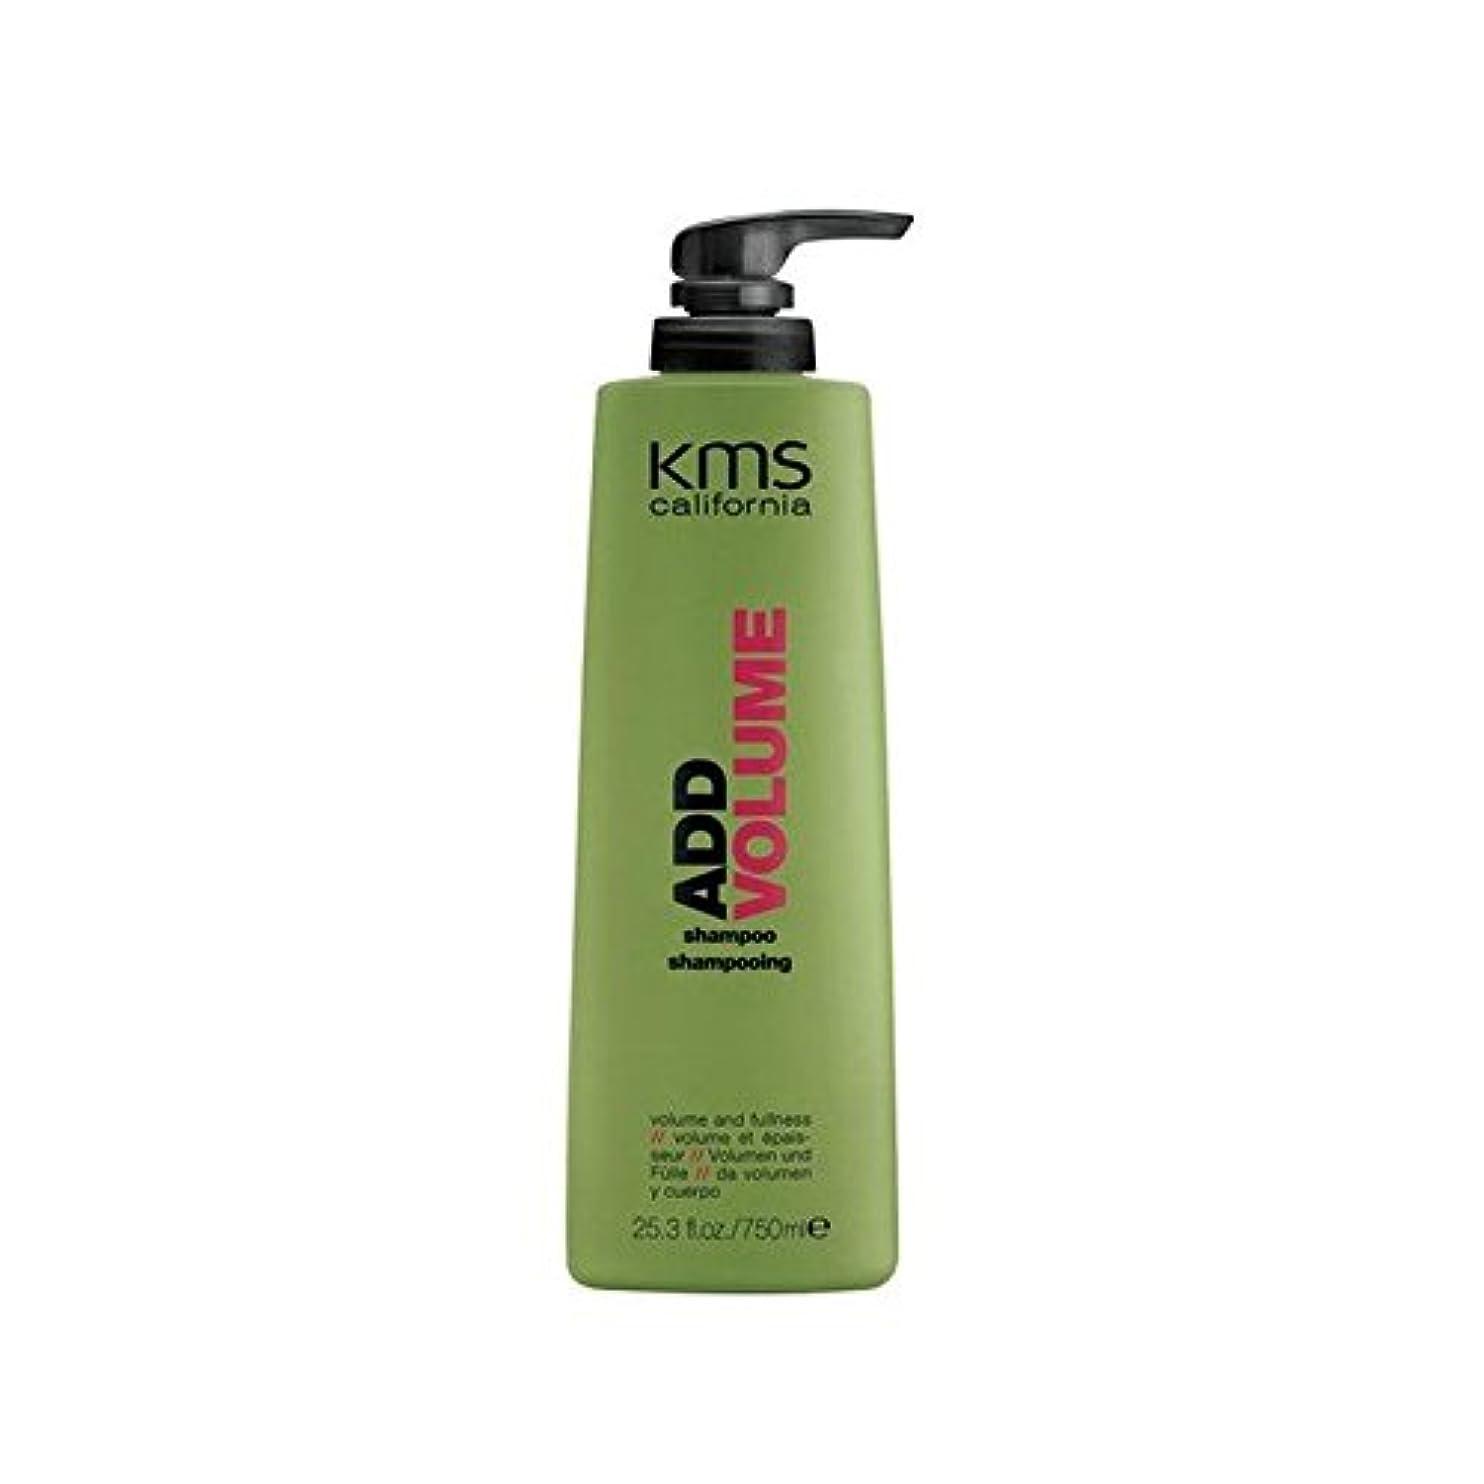 方法寓話指標カリフォルニアシャンプー - 750ミリリットル x2 - Kms California Addvolume Shampoo - 750ml (Pack of 2) [並行輸入品]